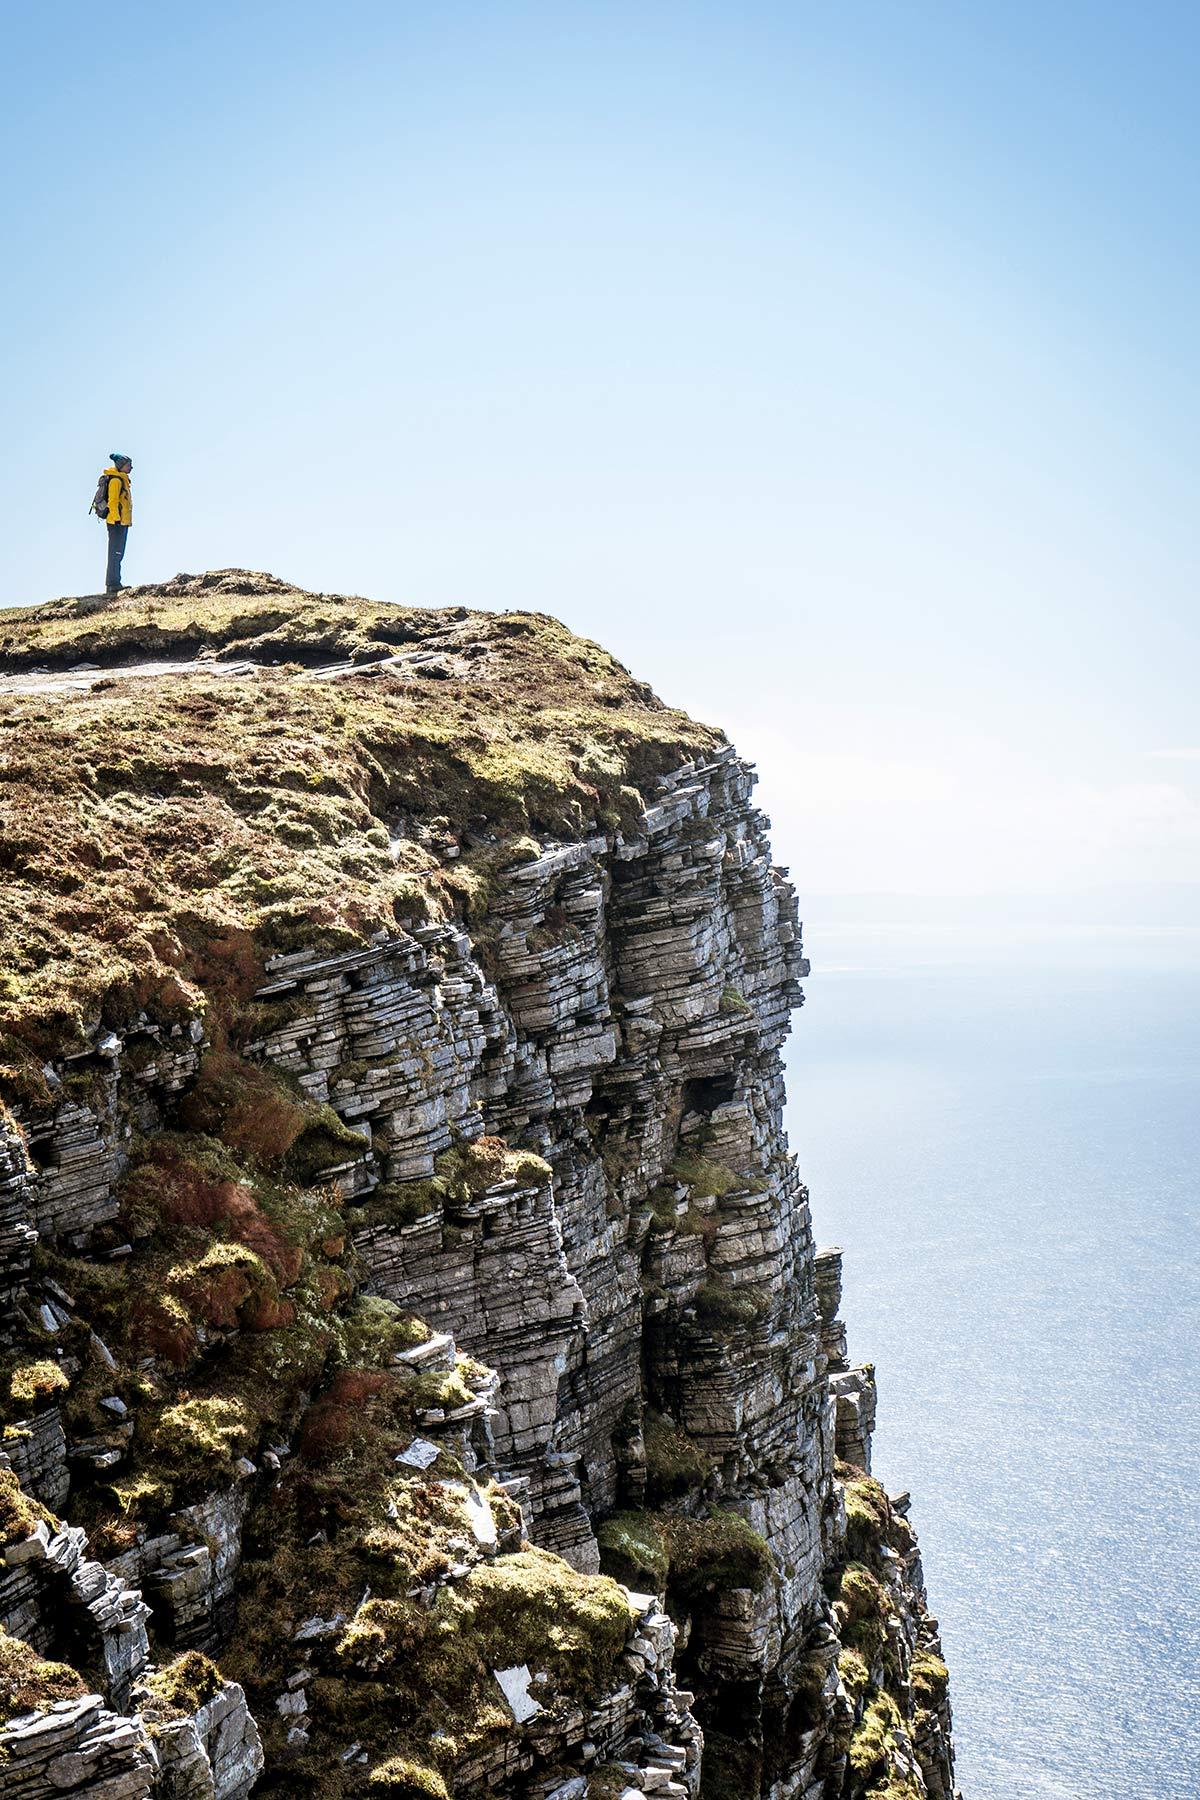 Irland Donegal Slieve Leage Klippen Ausblick